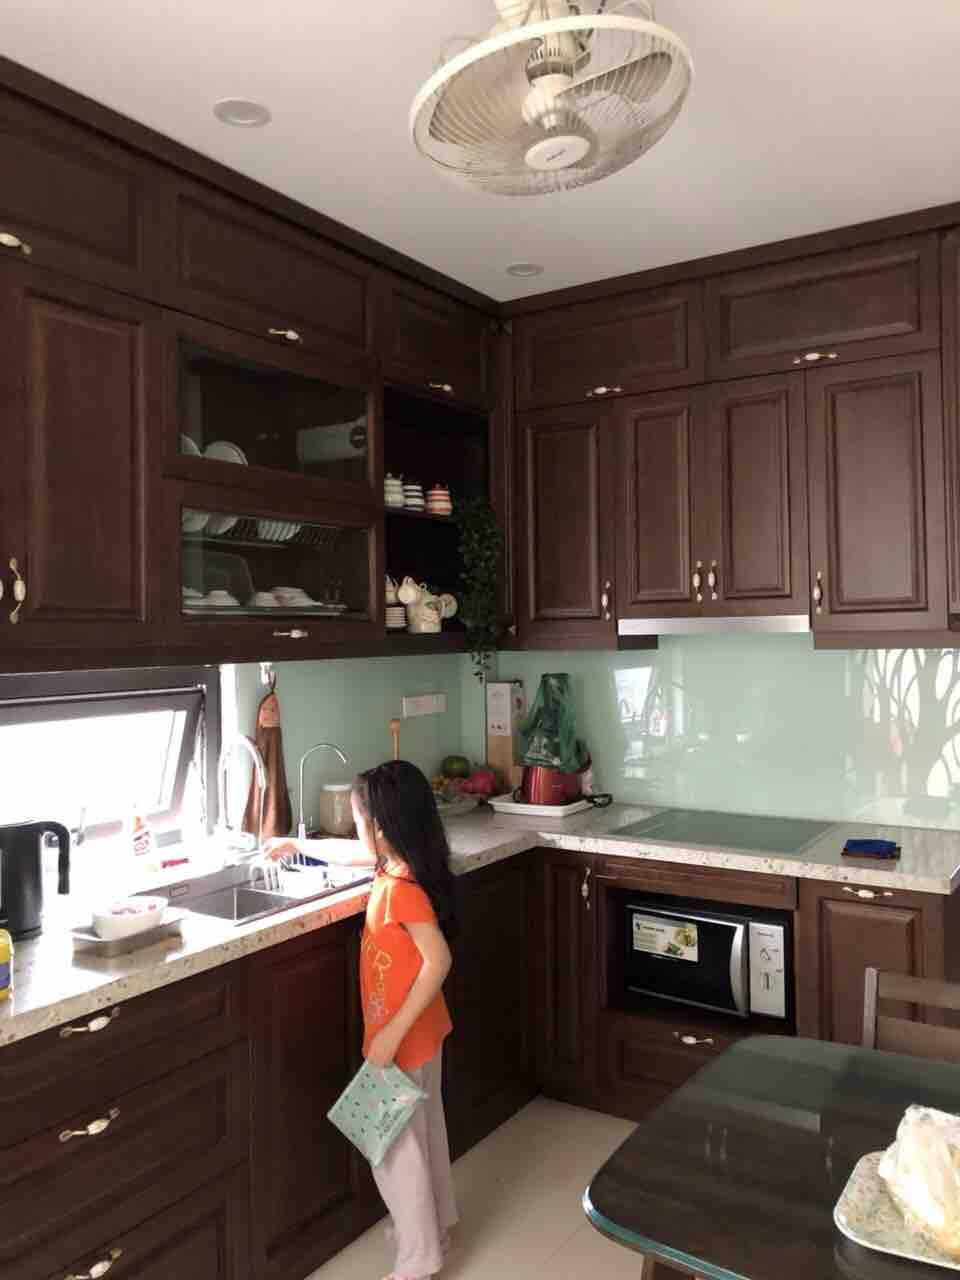 Tủ bếp của Nội Thất Trẻ Việt Nam sử dụng sơn Inchem vẫn đẹp và sang như mới sau 5 năm sử dụng tại nhà một khách hàng